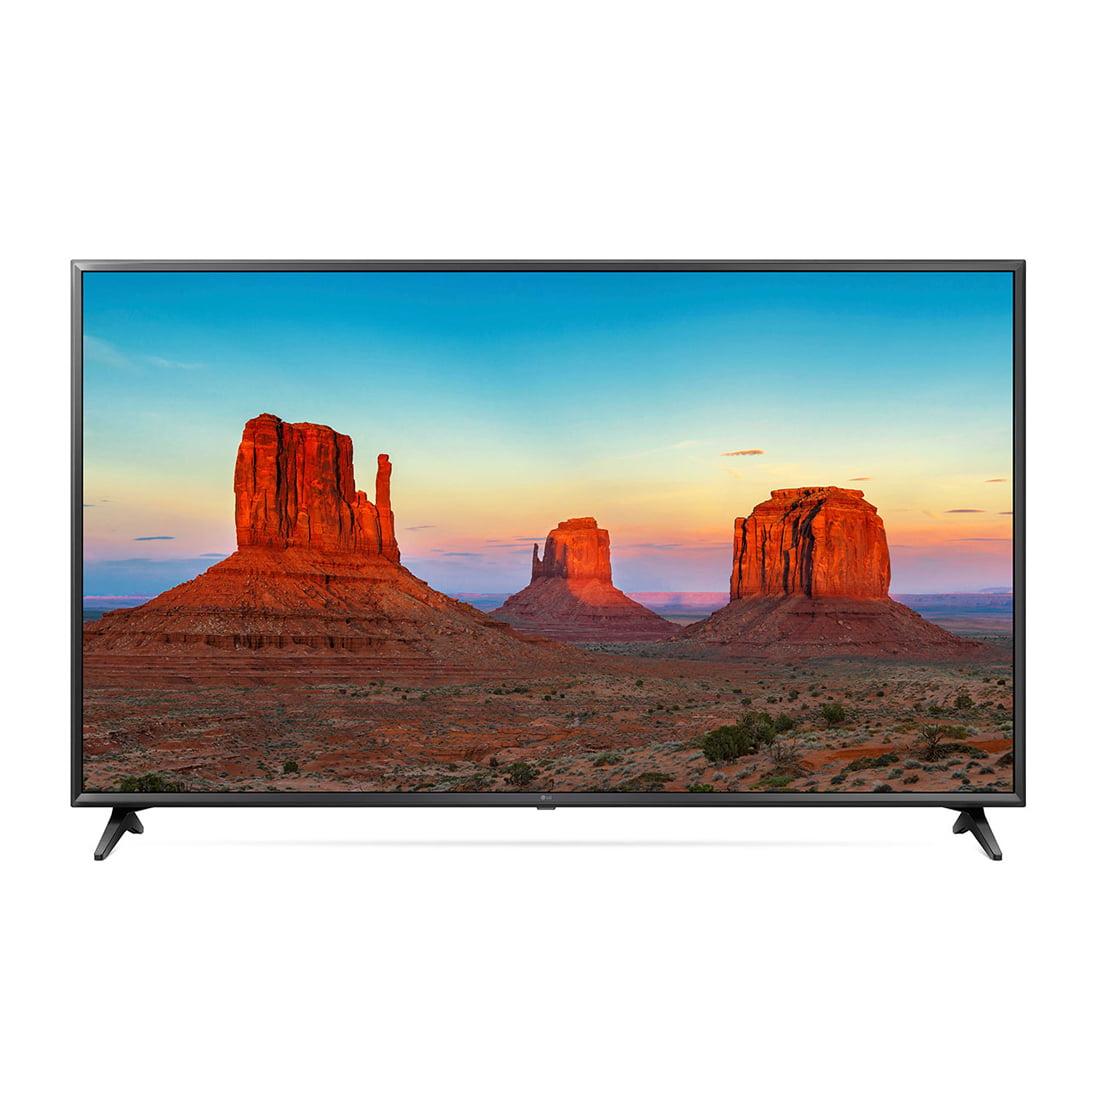 """Refurbished LG 49"""" Class 4K (2160) HDR Smart LED UHD TV w/AI ThinQ - 49UK6300PUE"""